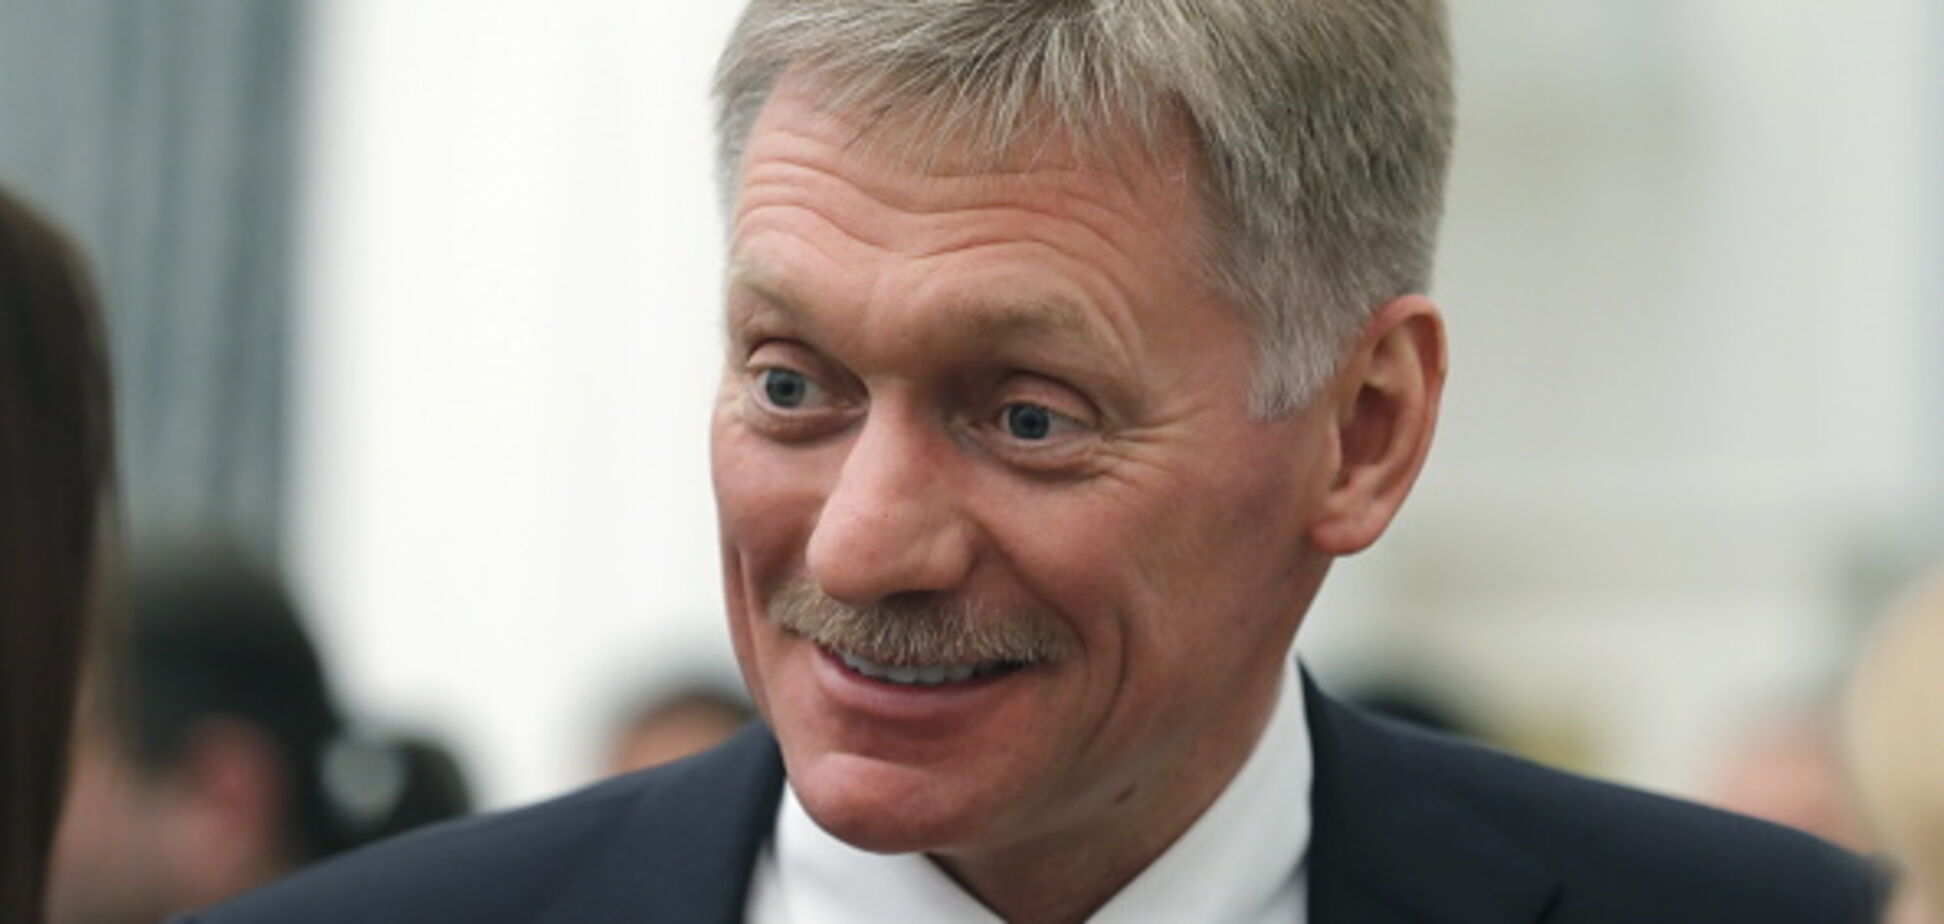 У Путіна зізналися про 'нормандські' переговори 'нишком'